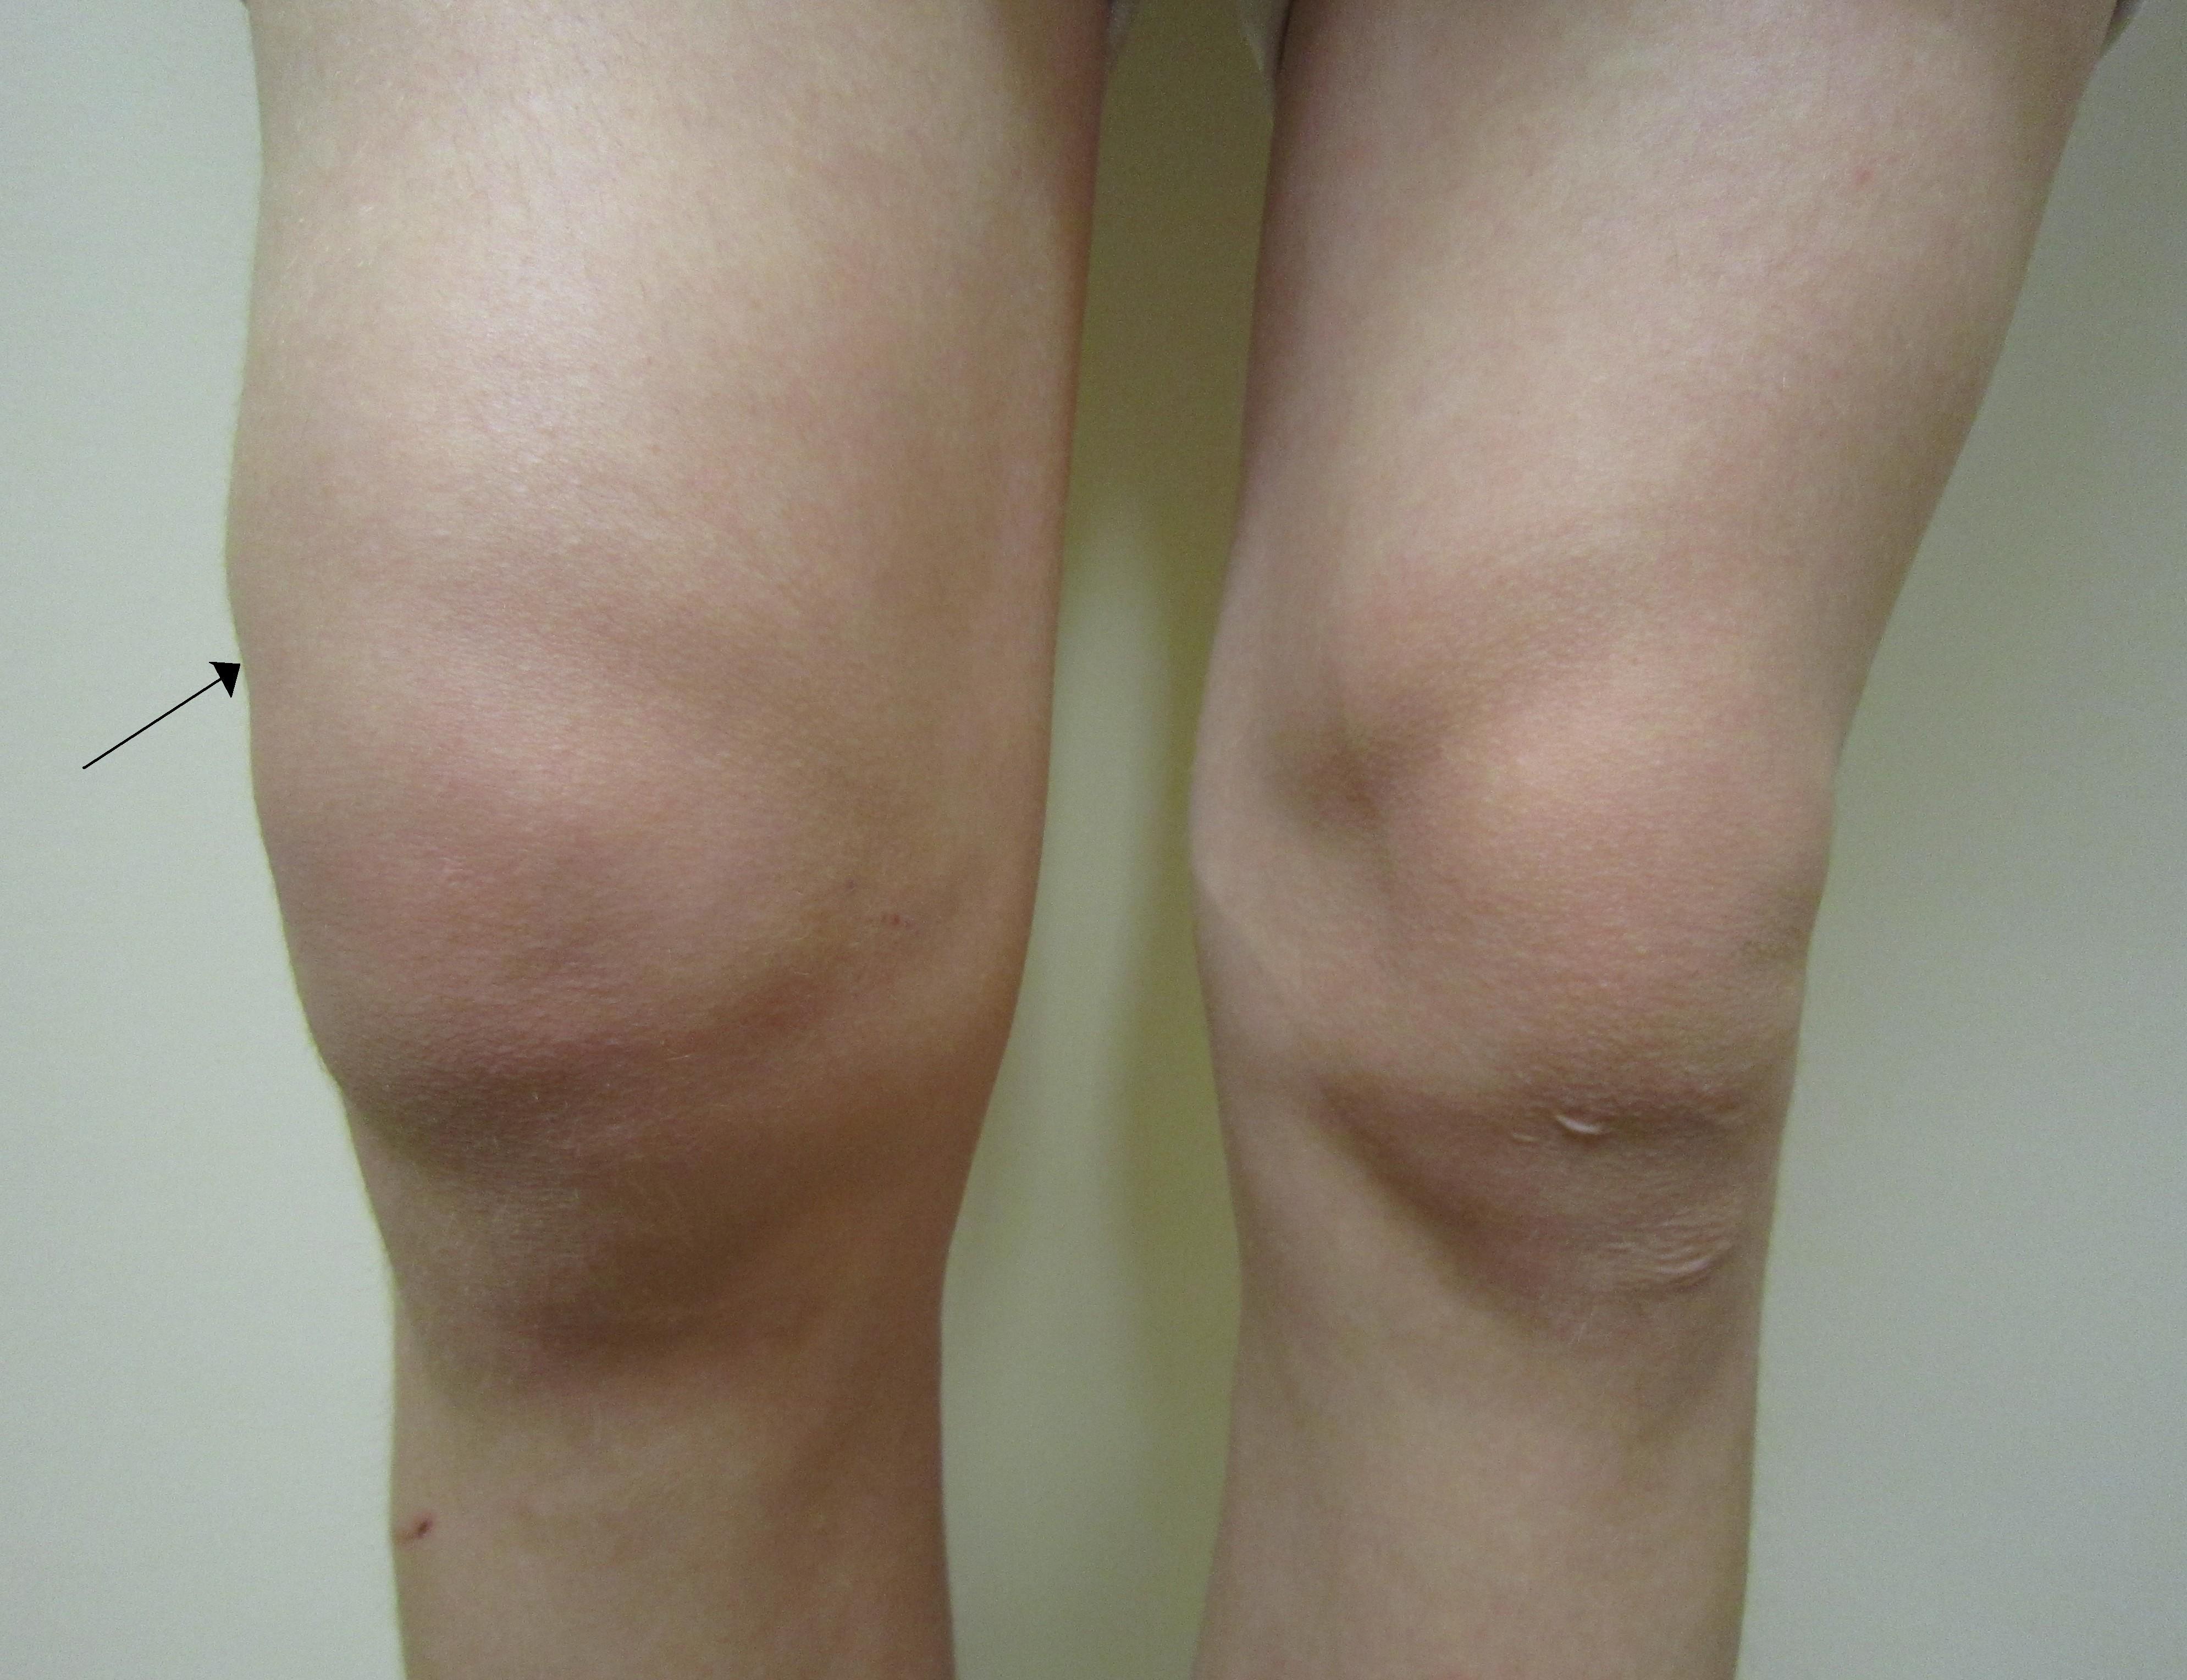 tratamentul bursitei traumatice a genunchiului